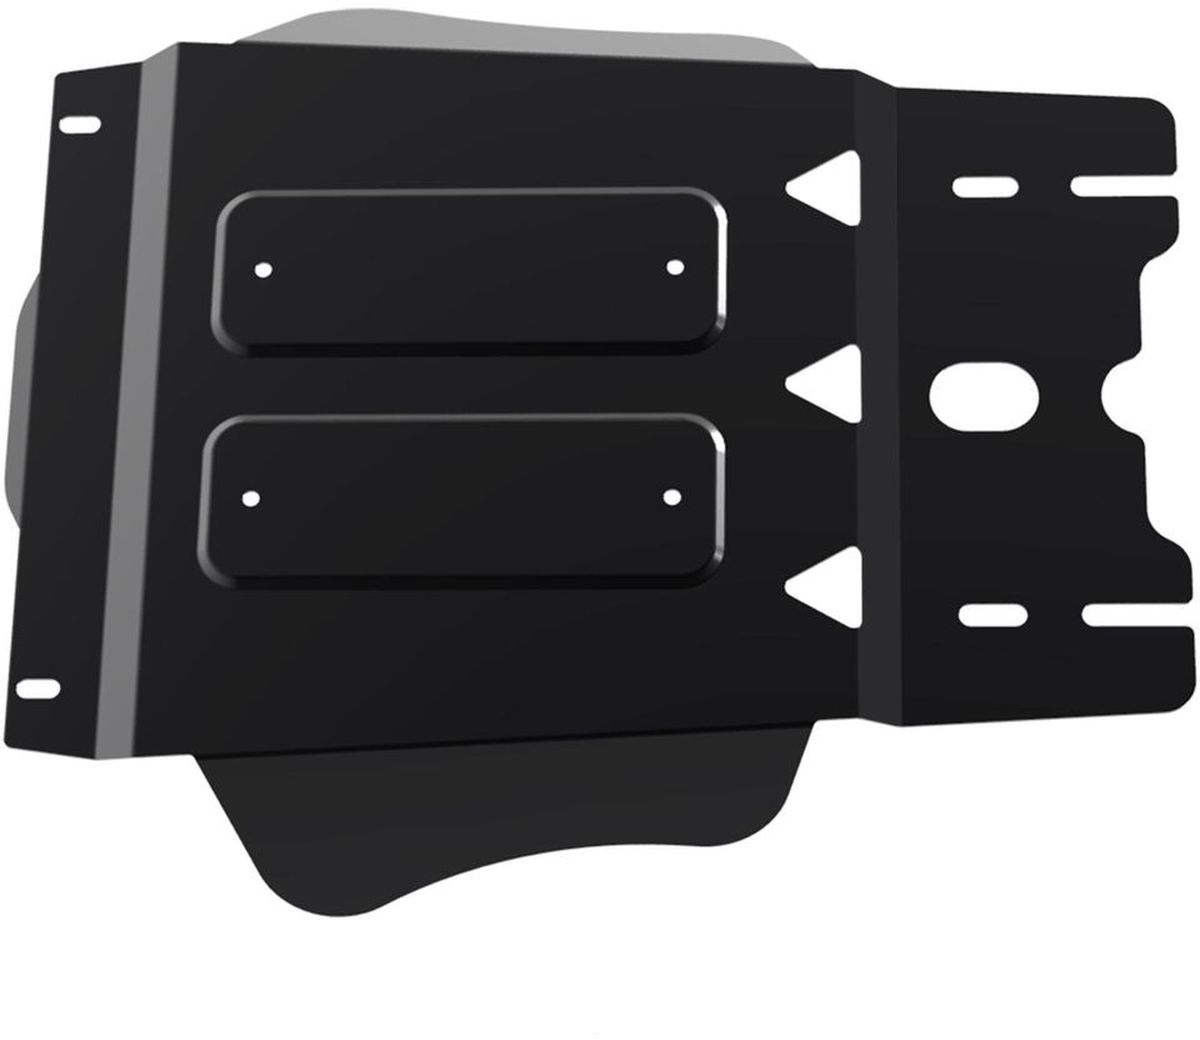 Защита КПП и РК Автоброня UAZ Patriot 2013-2014 2014-(Установка только с защитой рулевых тяг 222.06301.1), сталь 3 мм222.06307.1Защита КПП и РК Автоброня UAZ Patriot 2013-2014 2014-(установка только с защитой рулевых тяг 222.06301.1), сталь 3 мм, комплект крепежа, 222.06307.1Стальные защиты Автоброня надежно защищают ваш автомобиль от повреждений при наезде на бордюры, выступающие канализационные люки, кромки поврежденного асфальта или при ремонте дорог, не говоря уже о загородных дорогах.- Имеют оптимальное соотношение цена-качество.- Спроектированы с учетом особенностей автомобиля, что делает установку удобной.- Защита устанавливается в штатные места кузова автомобиля.- Является надежной защитой для важных элементов на протяжении долгих лет.- Глубокий штамп дополнительно усиливает конструкцию защиты.- Подштамповка в местах крепления защищает крепеж от срезания.- Технологические отверстия там, где они необходимы для смены масла и слива воды, оборудованные заглушками, закрепленными на защите.Толщина стали 3 мм.В комплекте крепеж и инструкция по установке.